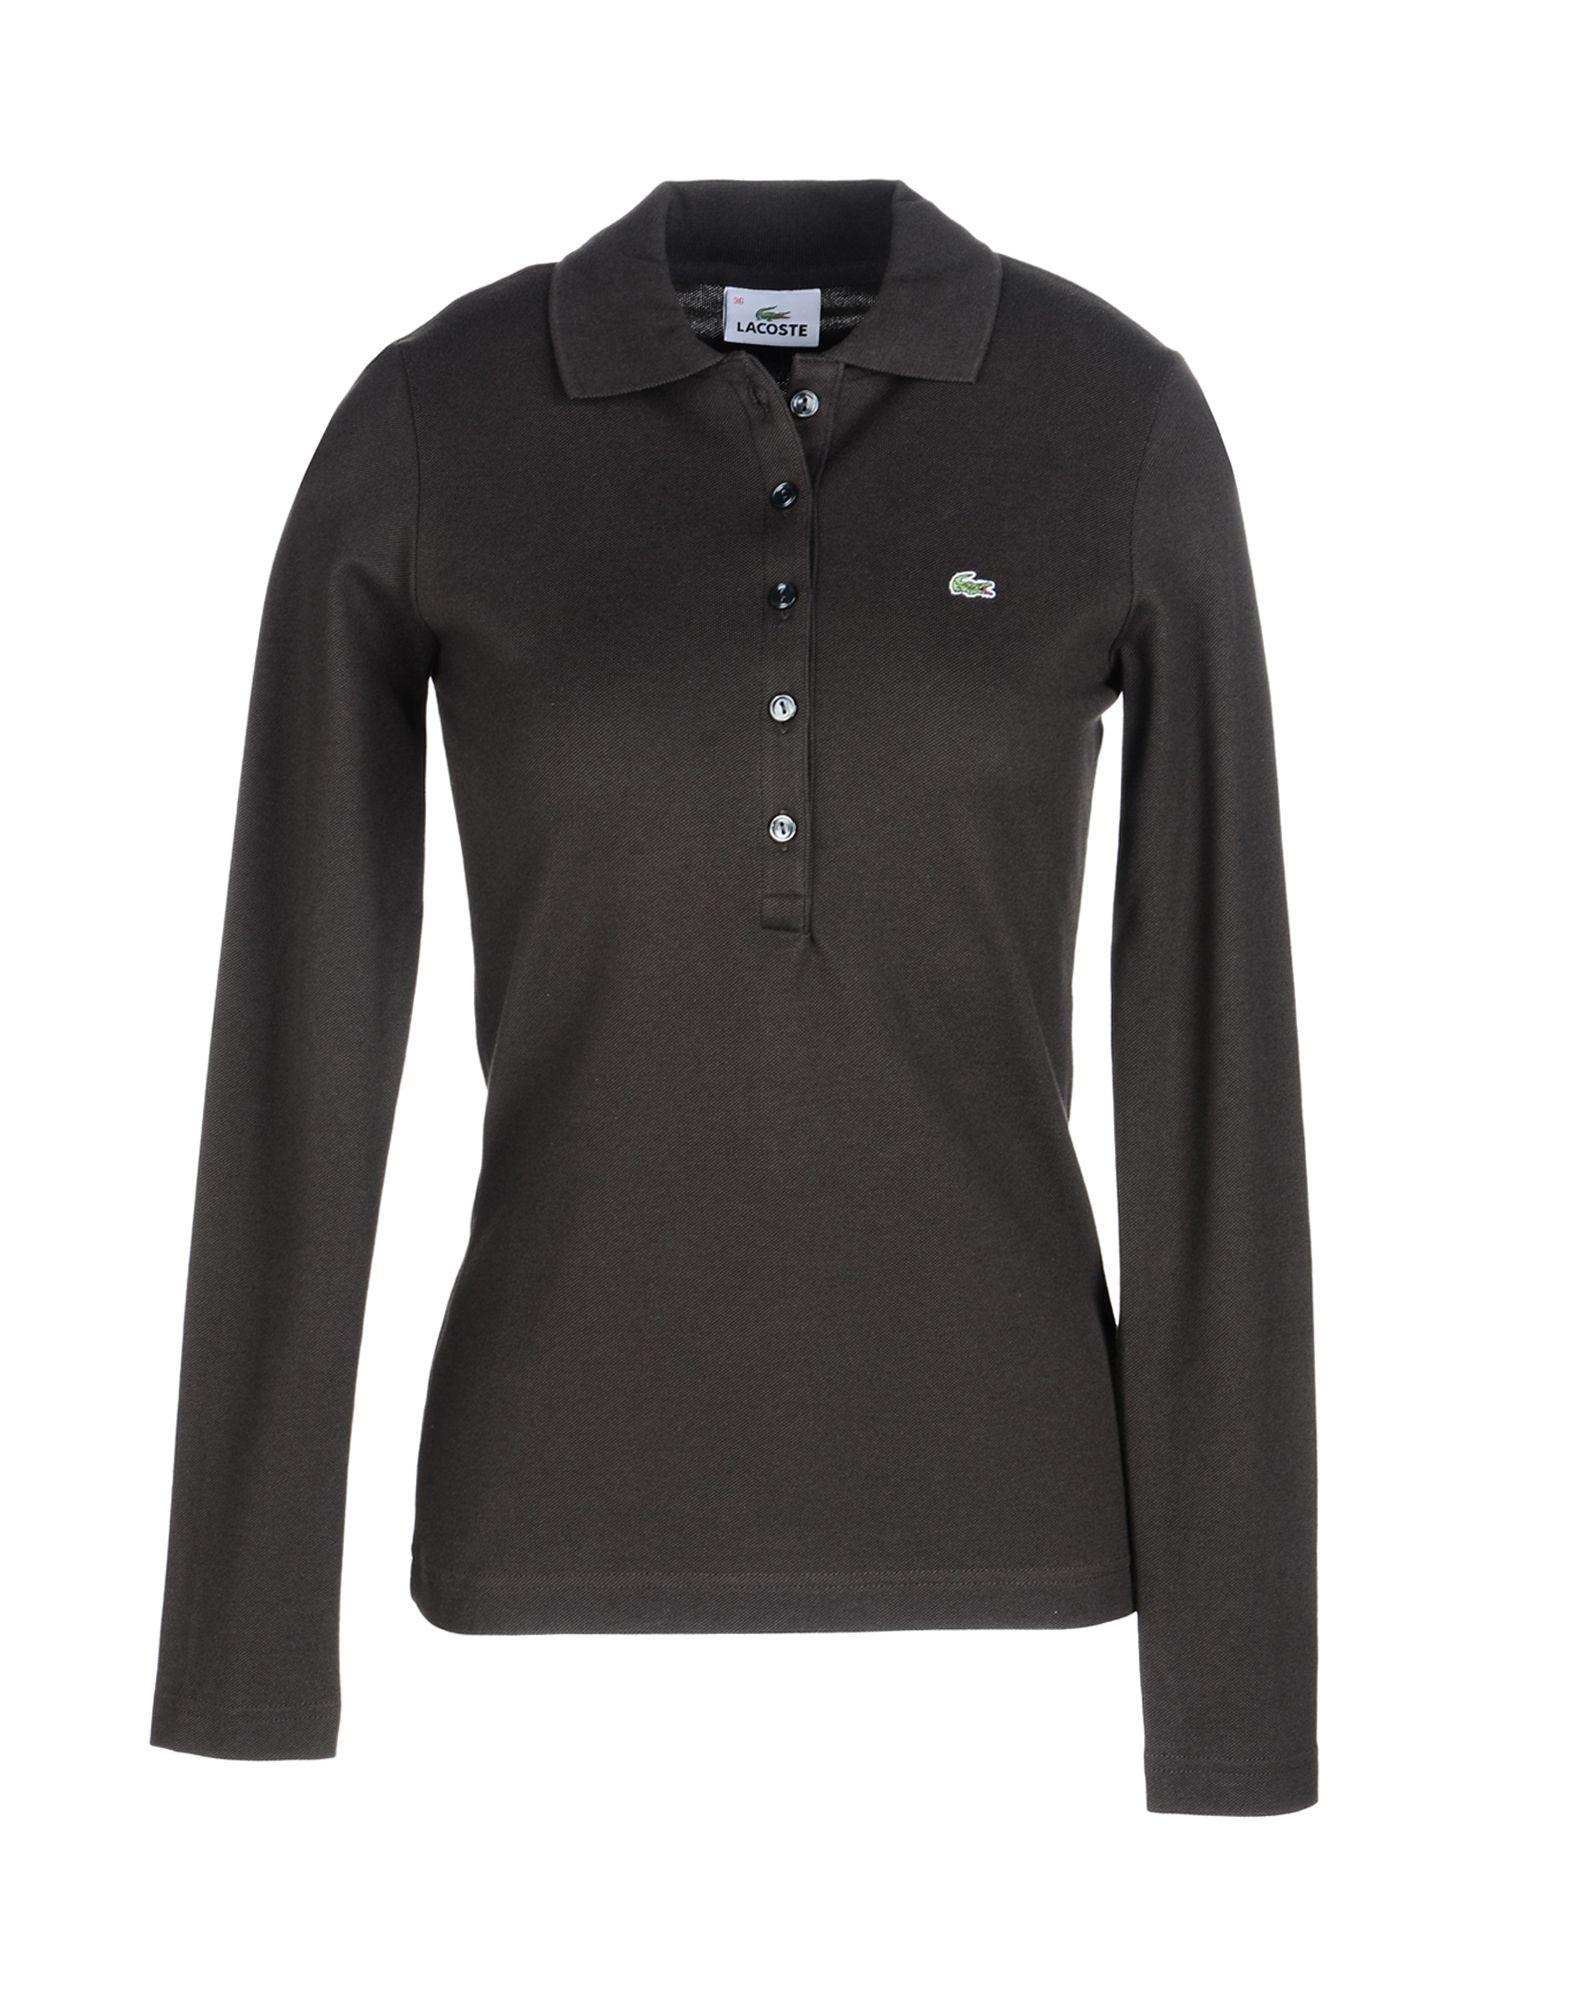 《送料無料》LACOSTE レディース ポロシャツ ダークブラウン 42 コットン 94% / ポリウレタン 6%